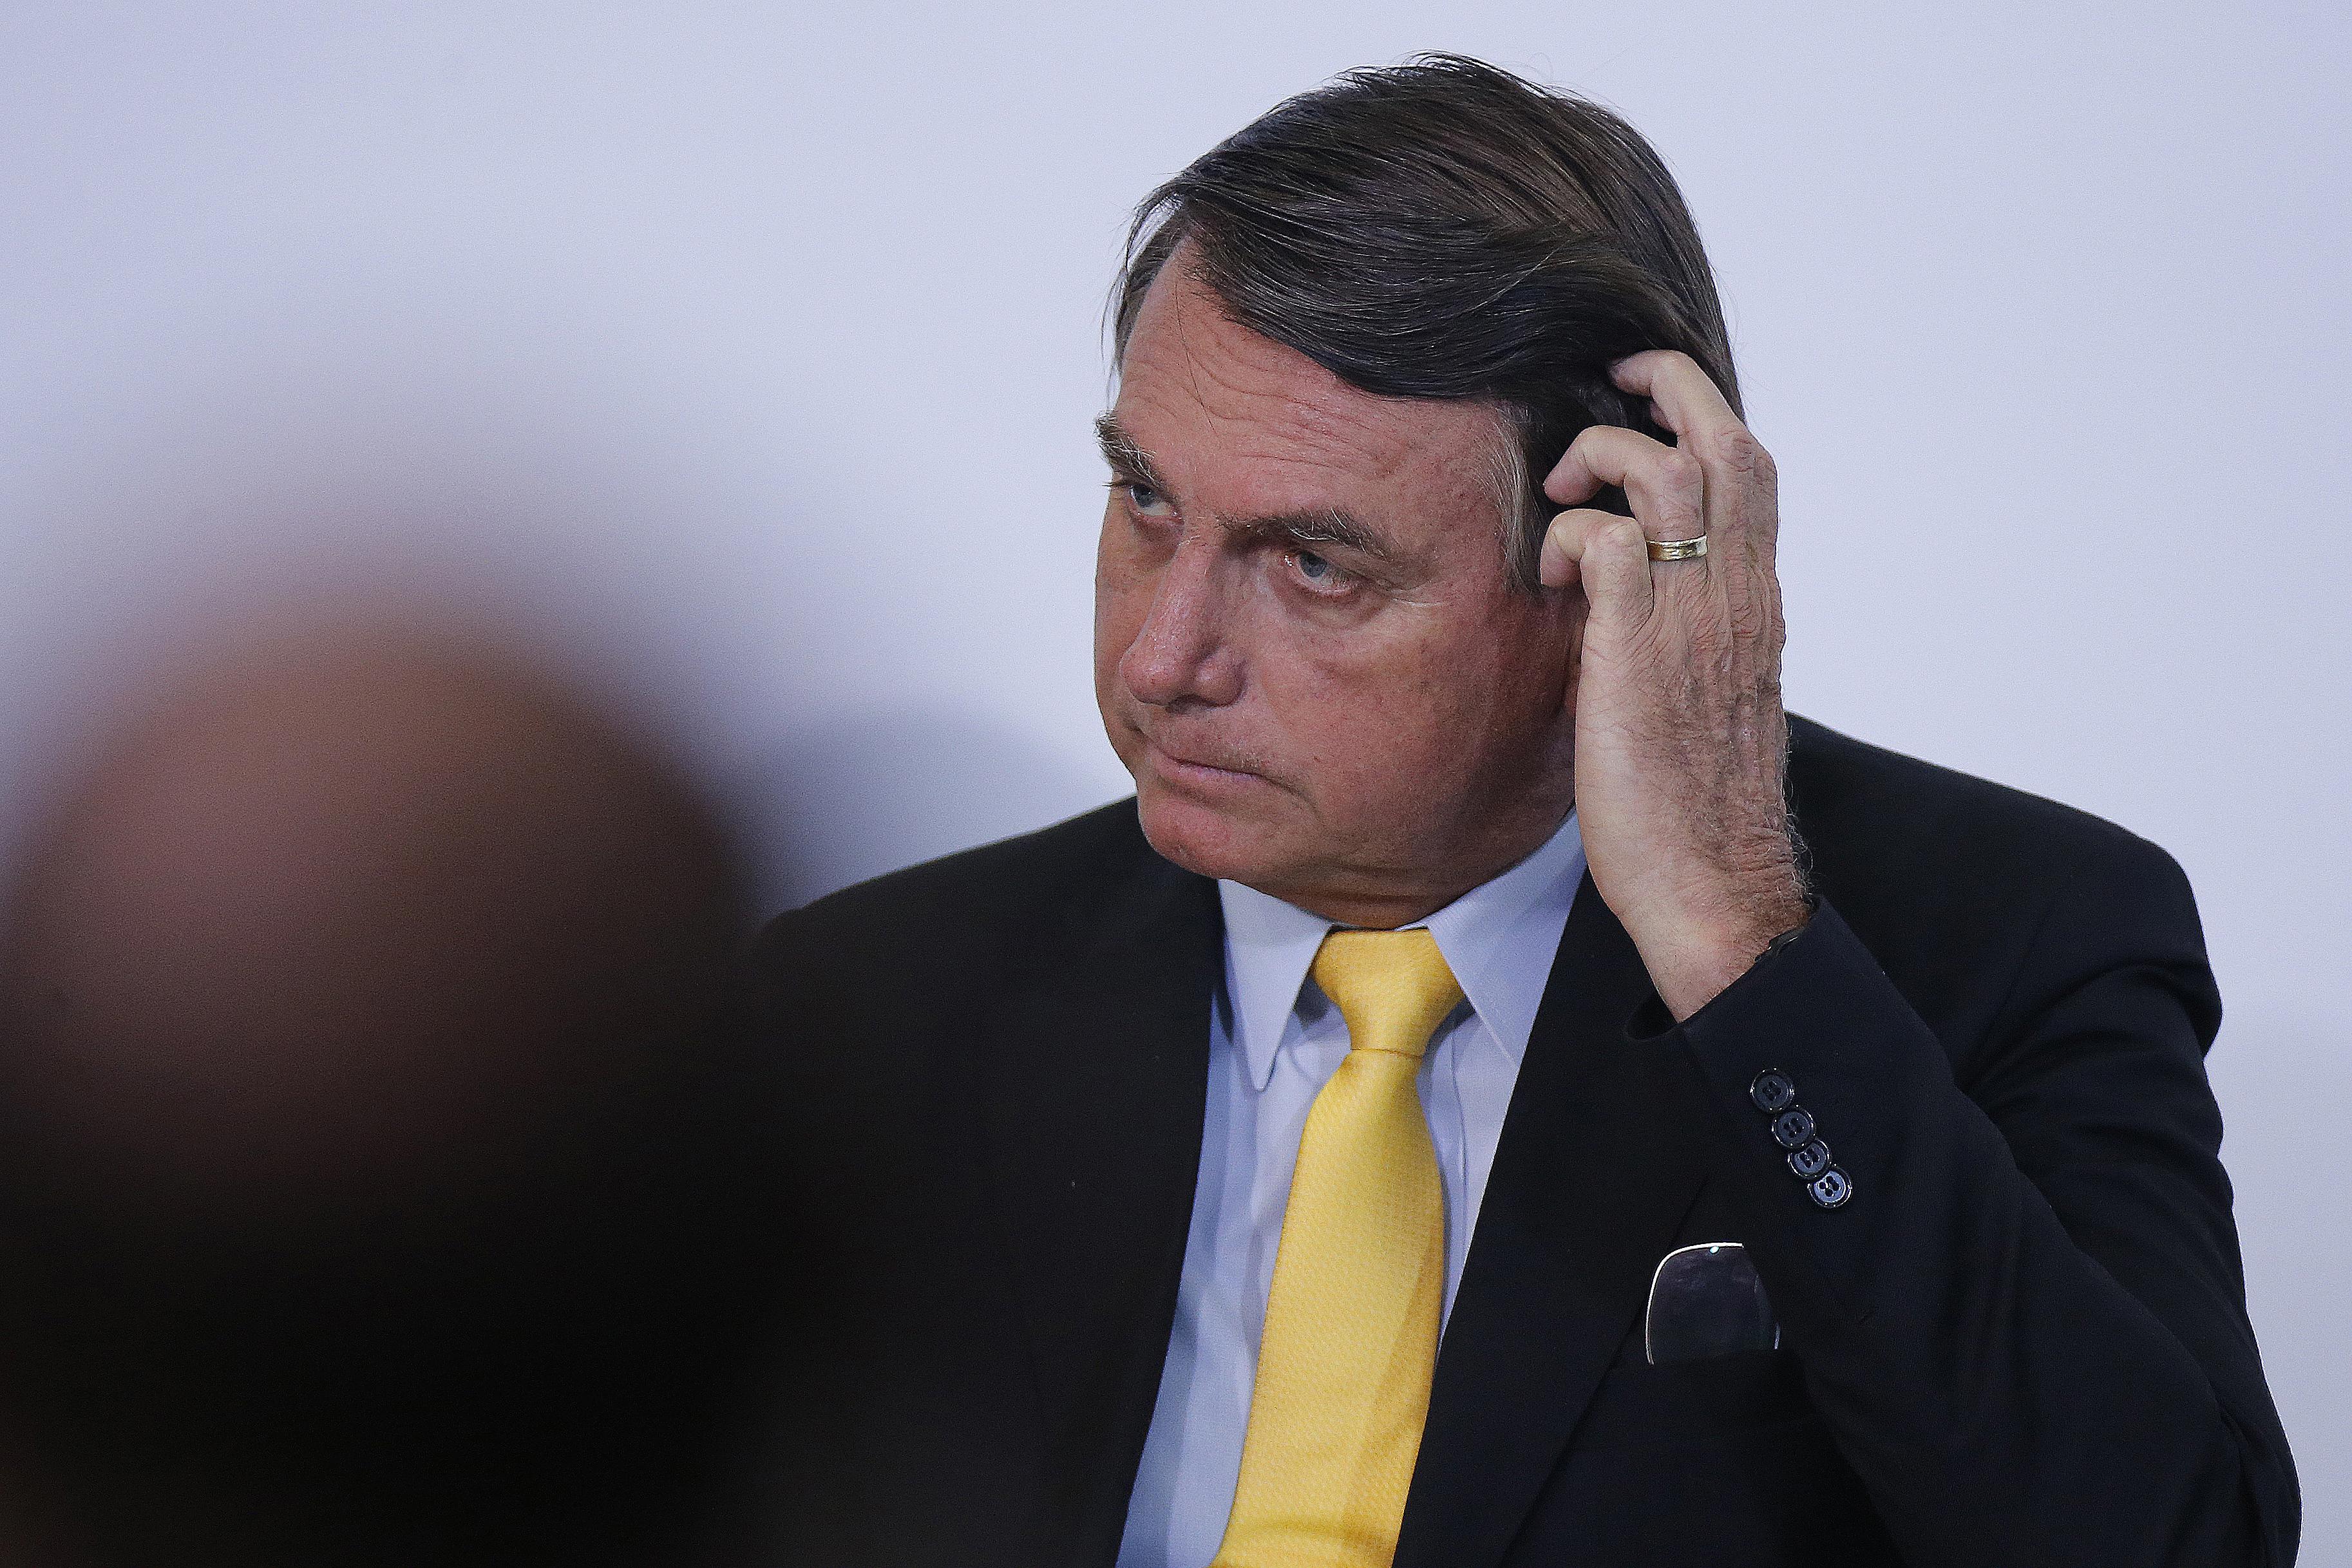 IMAGEM: Datafolha: crise derruba a aprovação de Bolsonaro